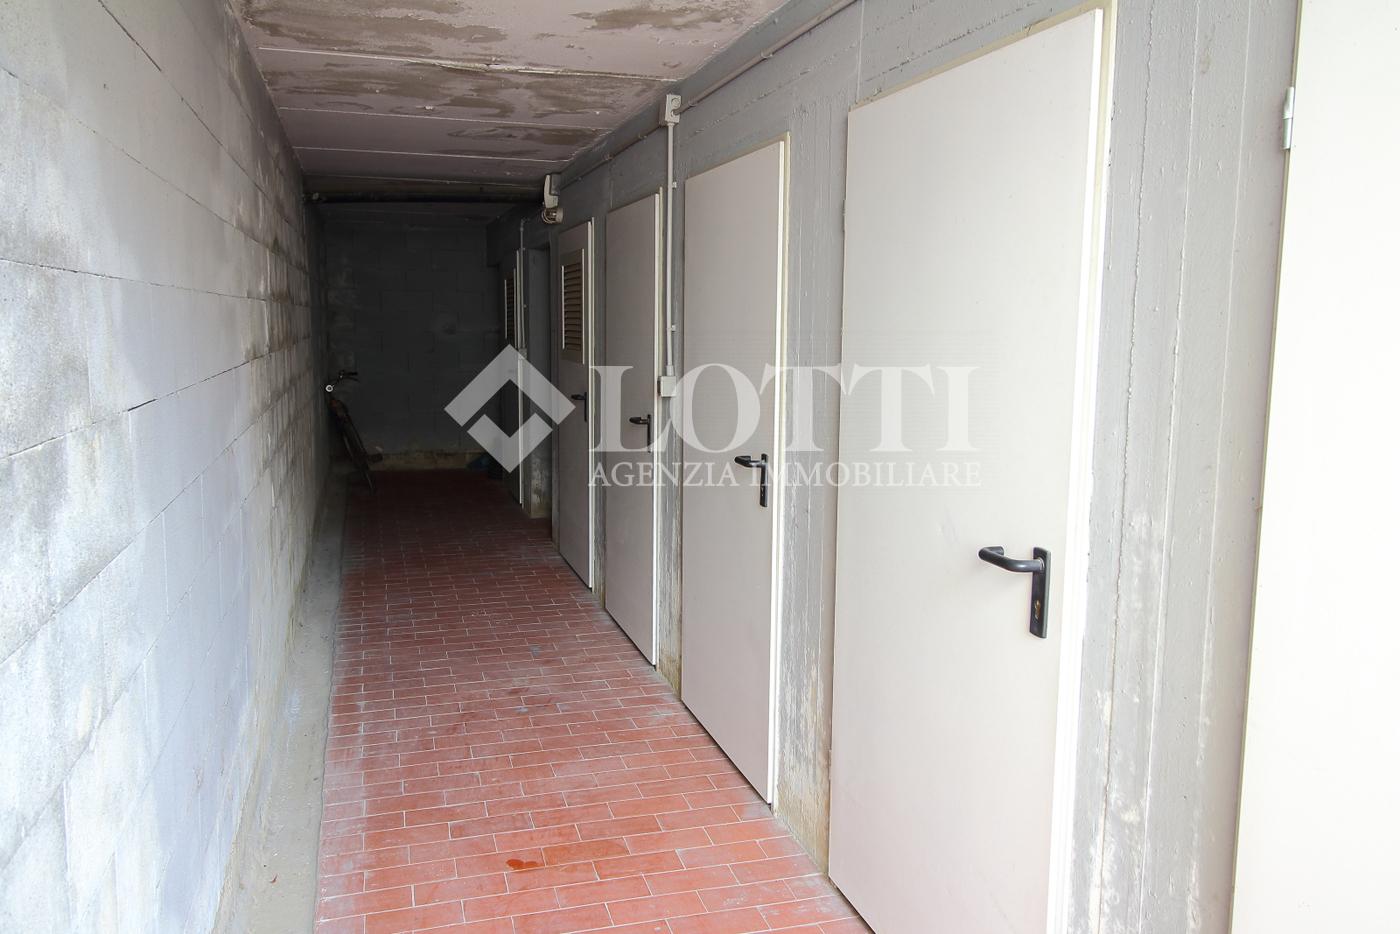 Appartamento in vendita, rif. 394